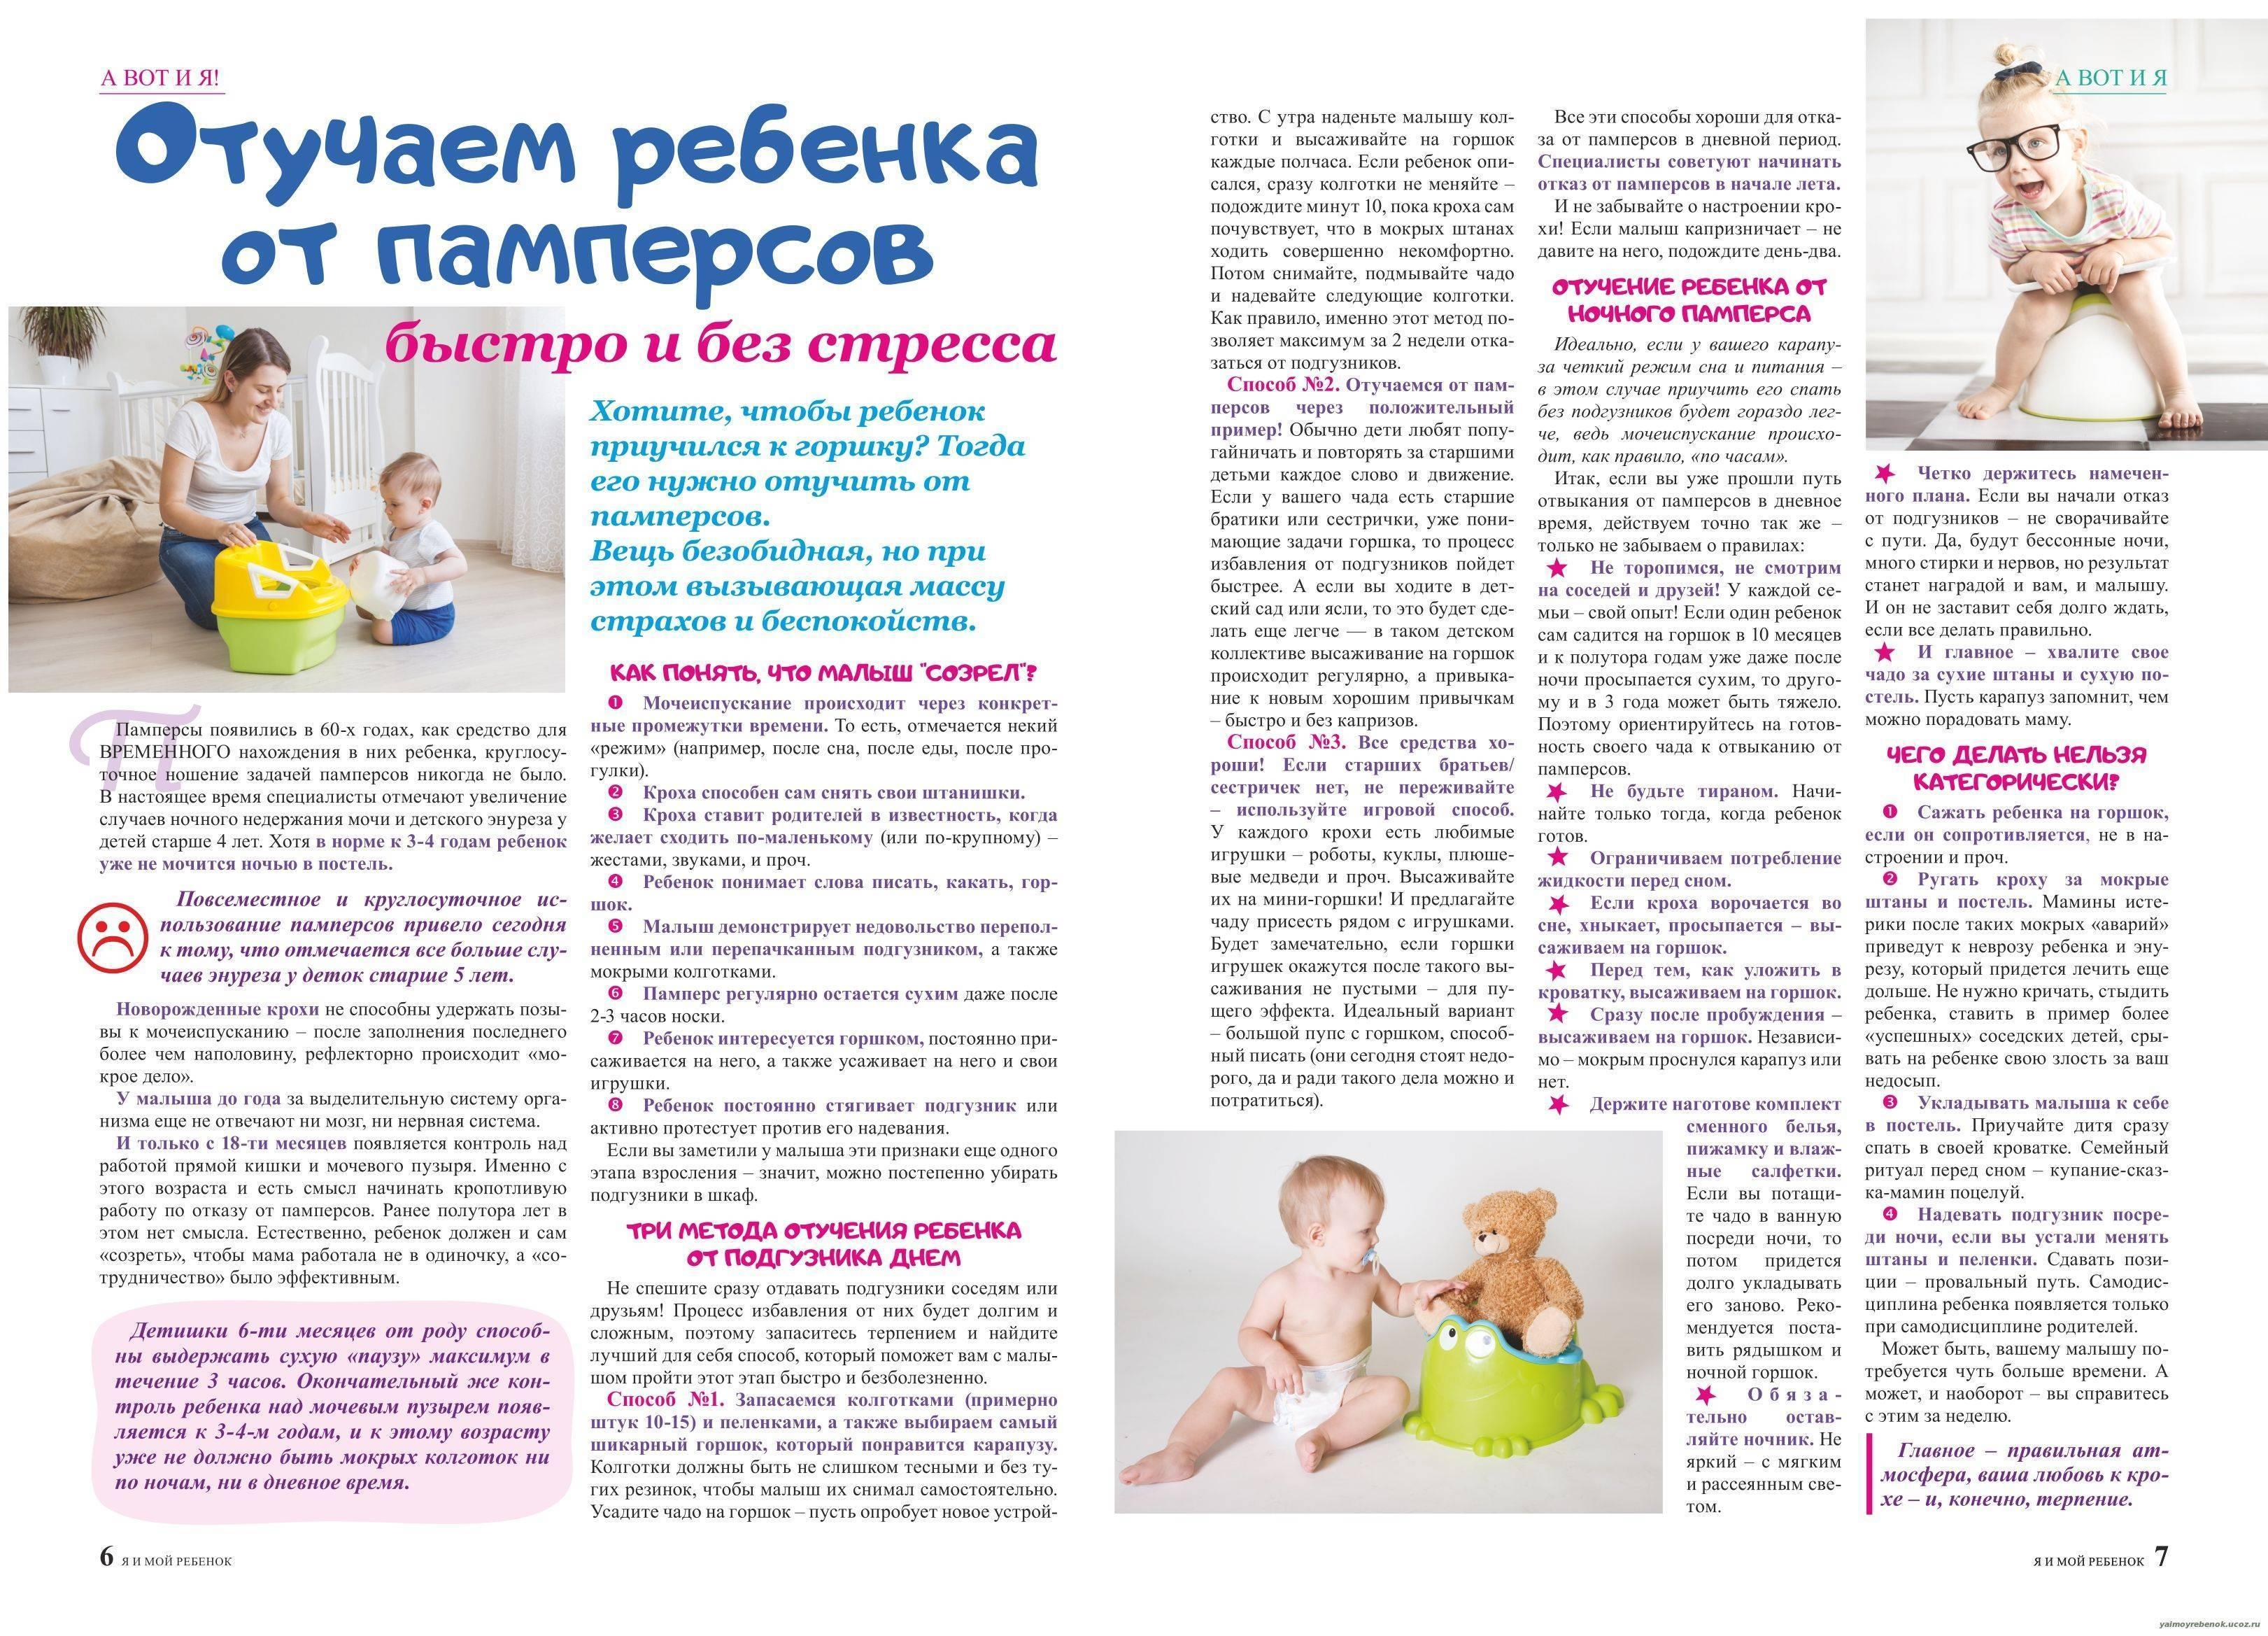 Учим ребенка двух-трех лет не писать в постель ночью